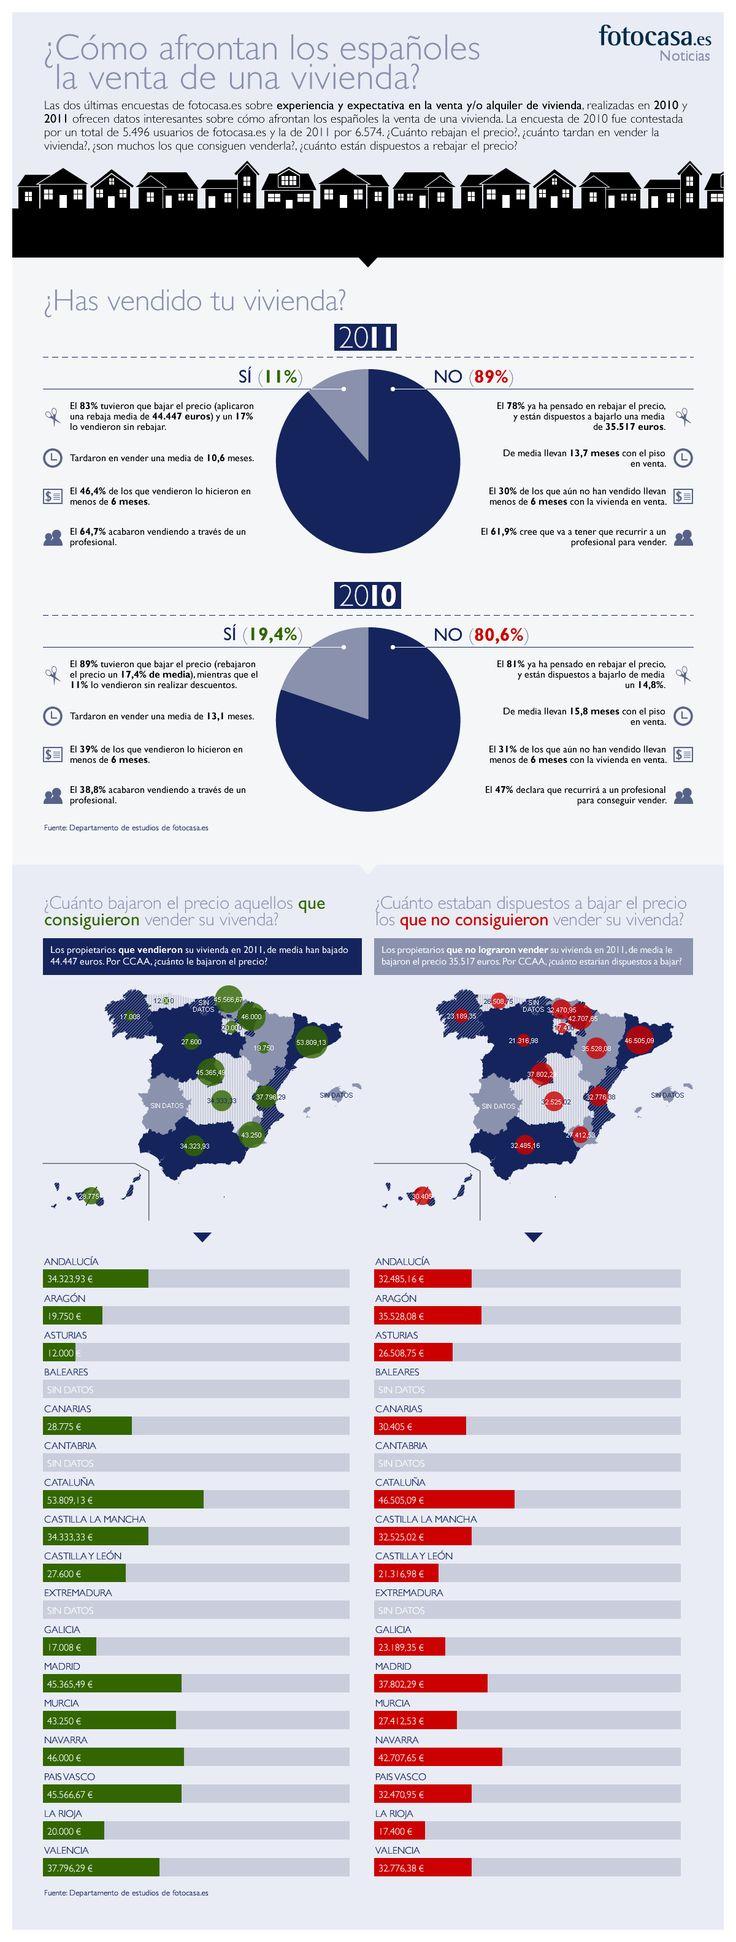 ¿Cómo afrontan los españoles la venta de una vivienda? [INFOGRAFÍA]